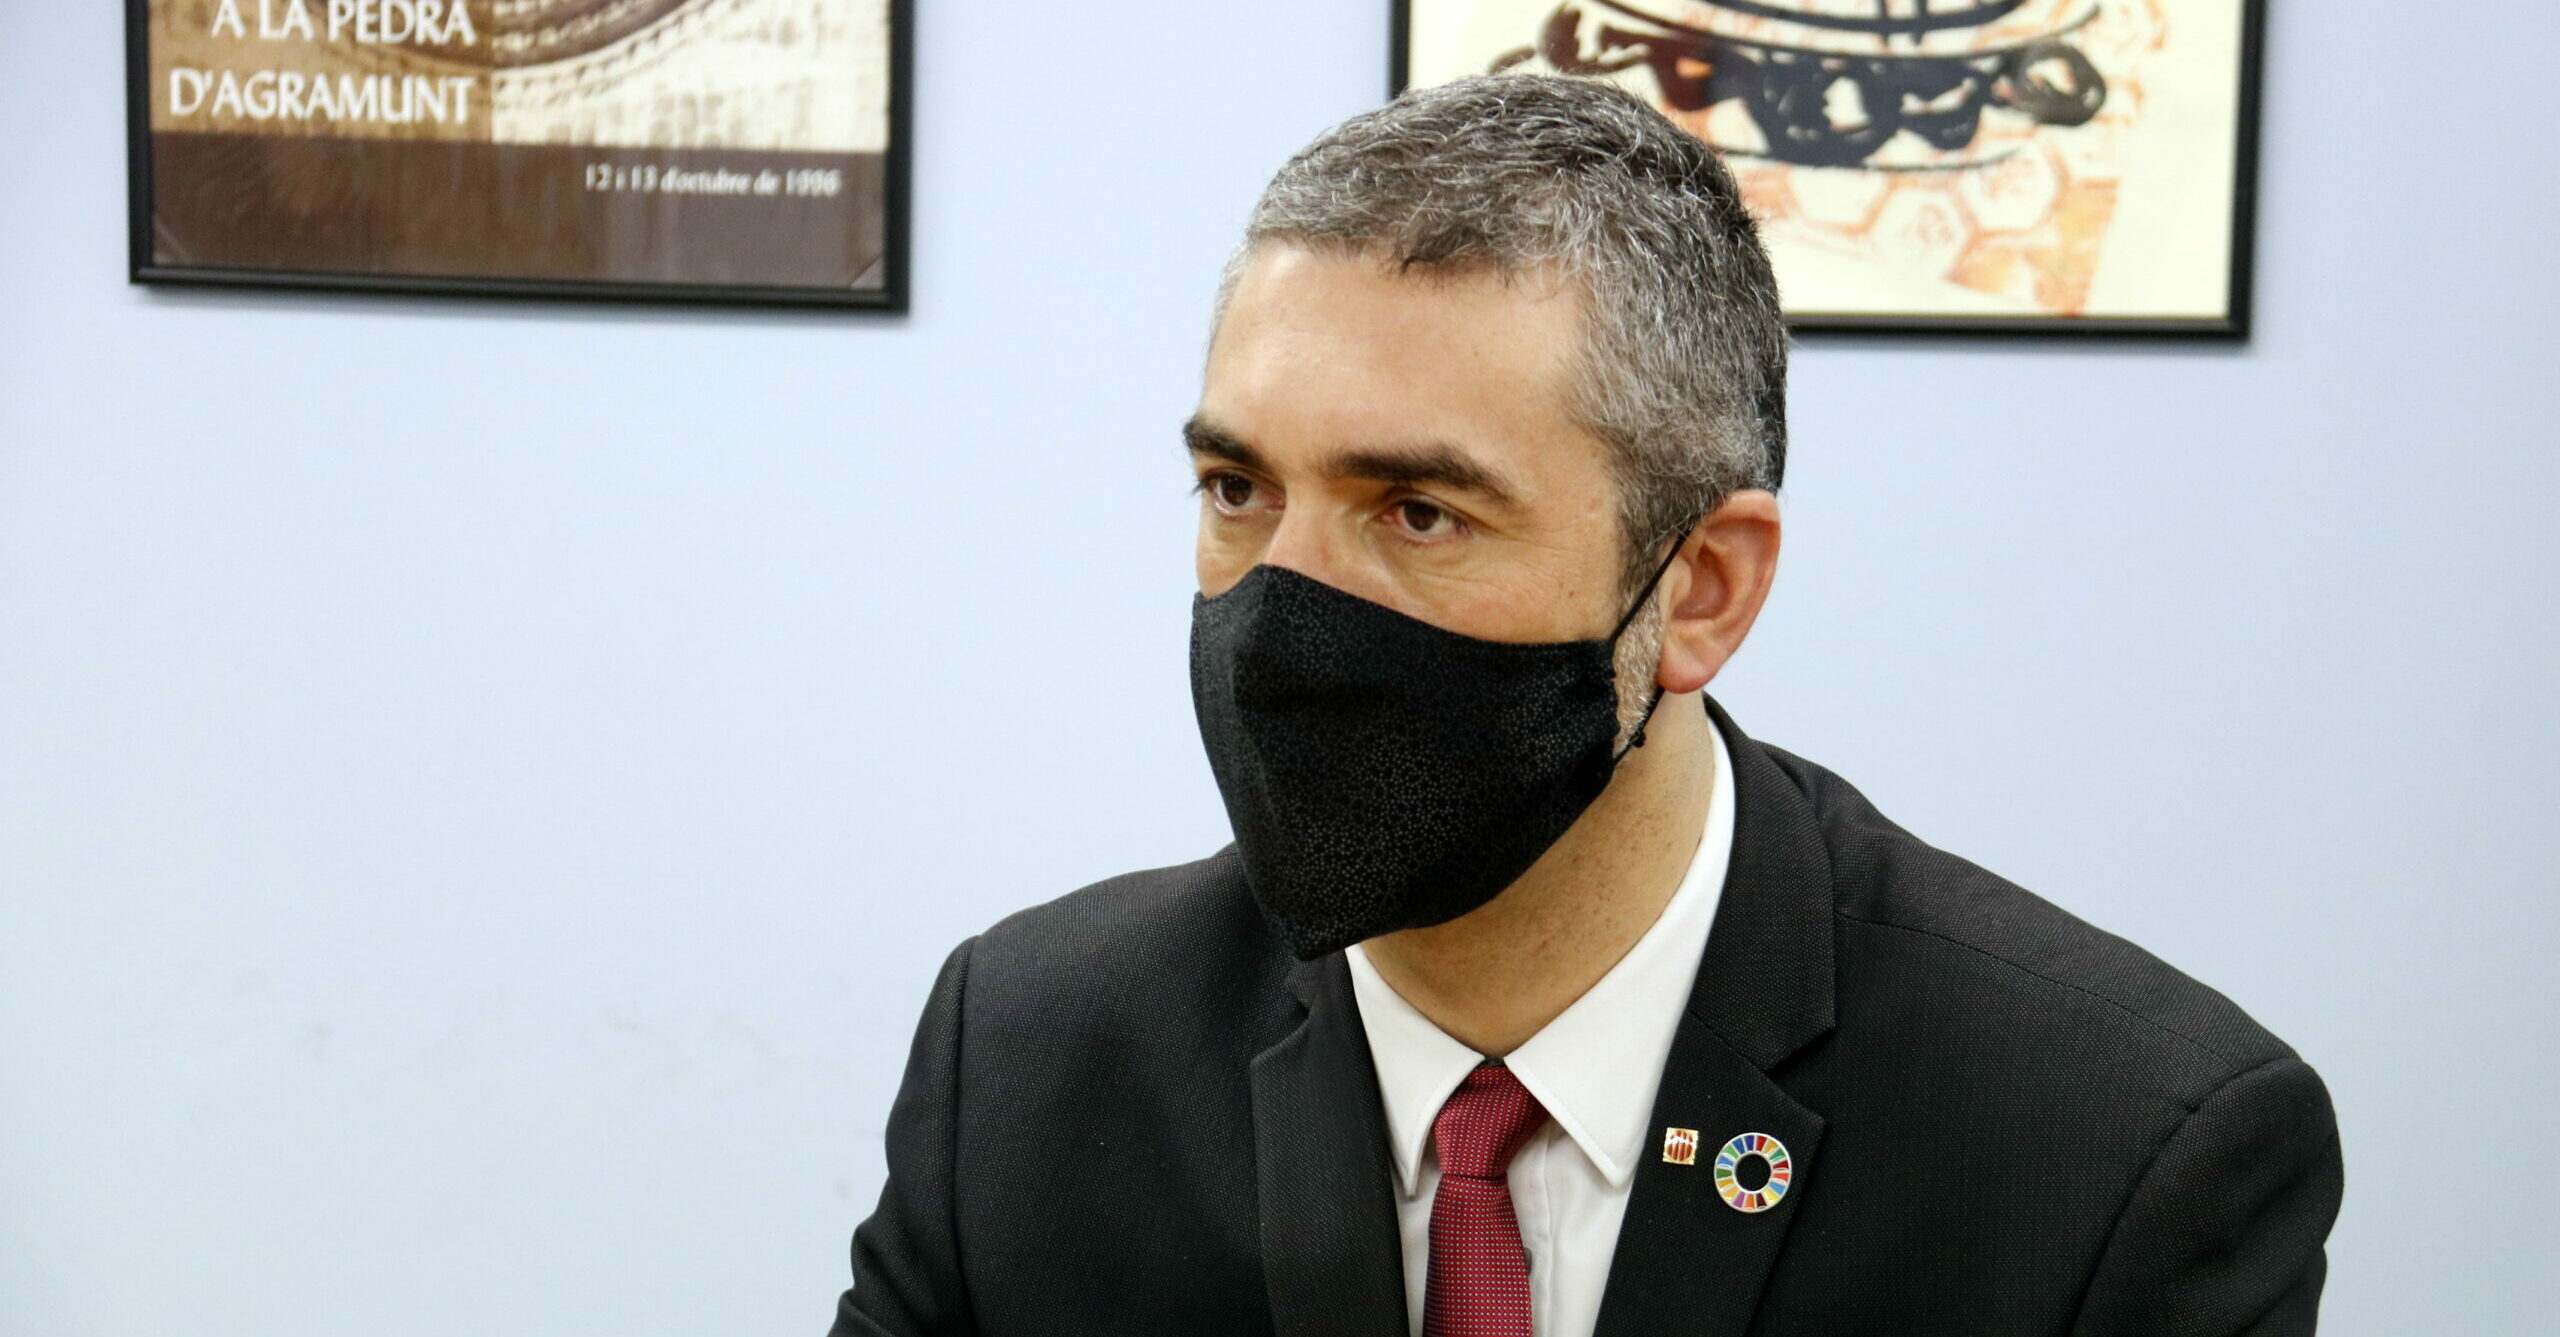 El conseller d'Acció Exterior, Relacions Institucionals i Transparència, Bernat Solé | ACN